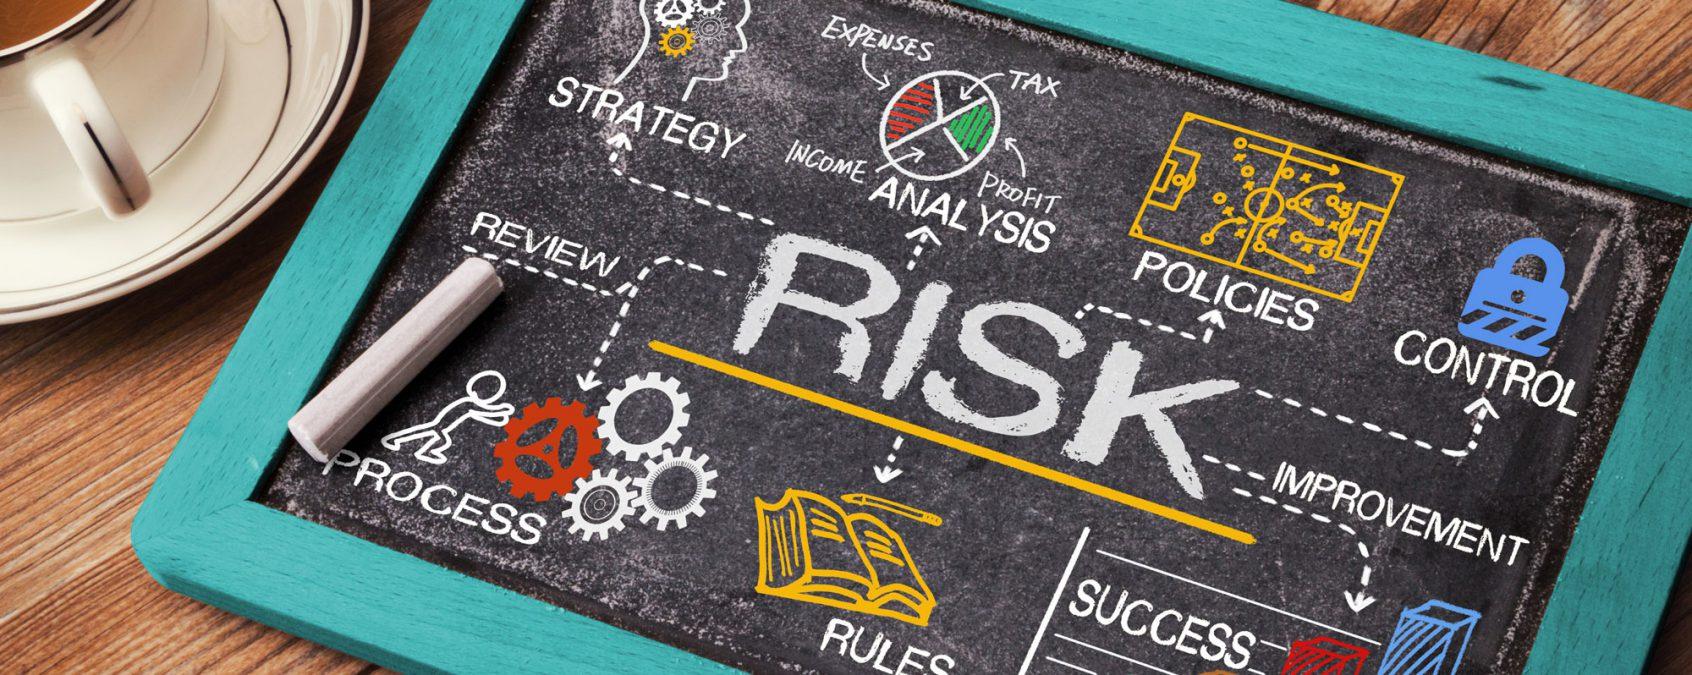 Risk management scheme